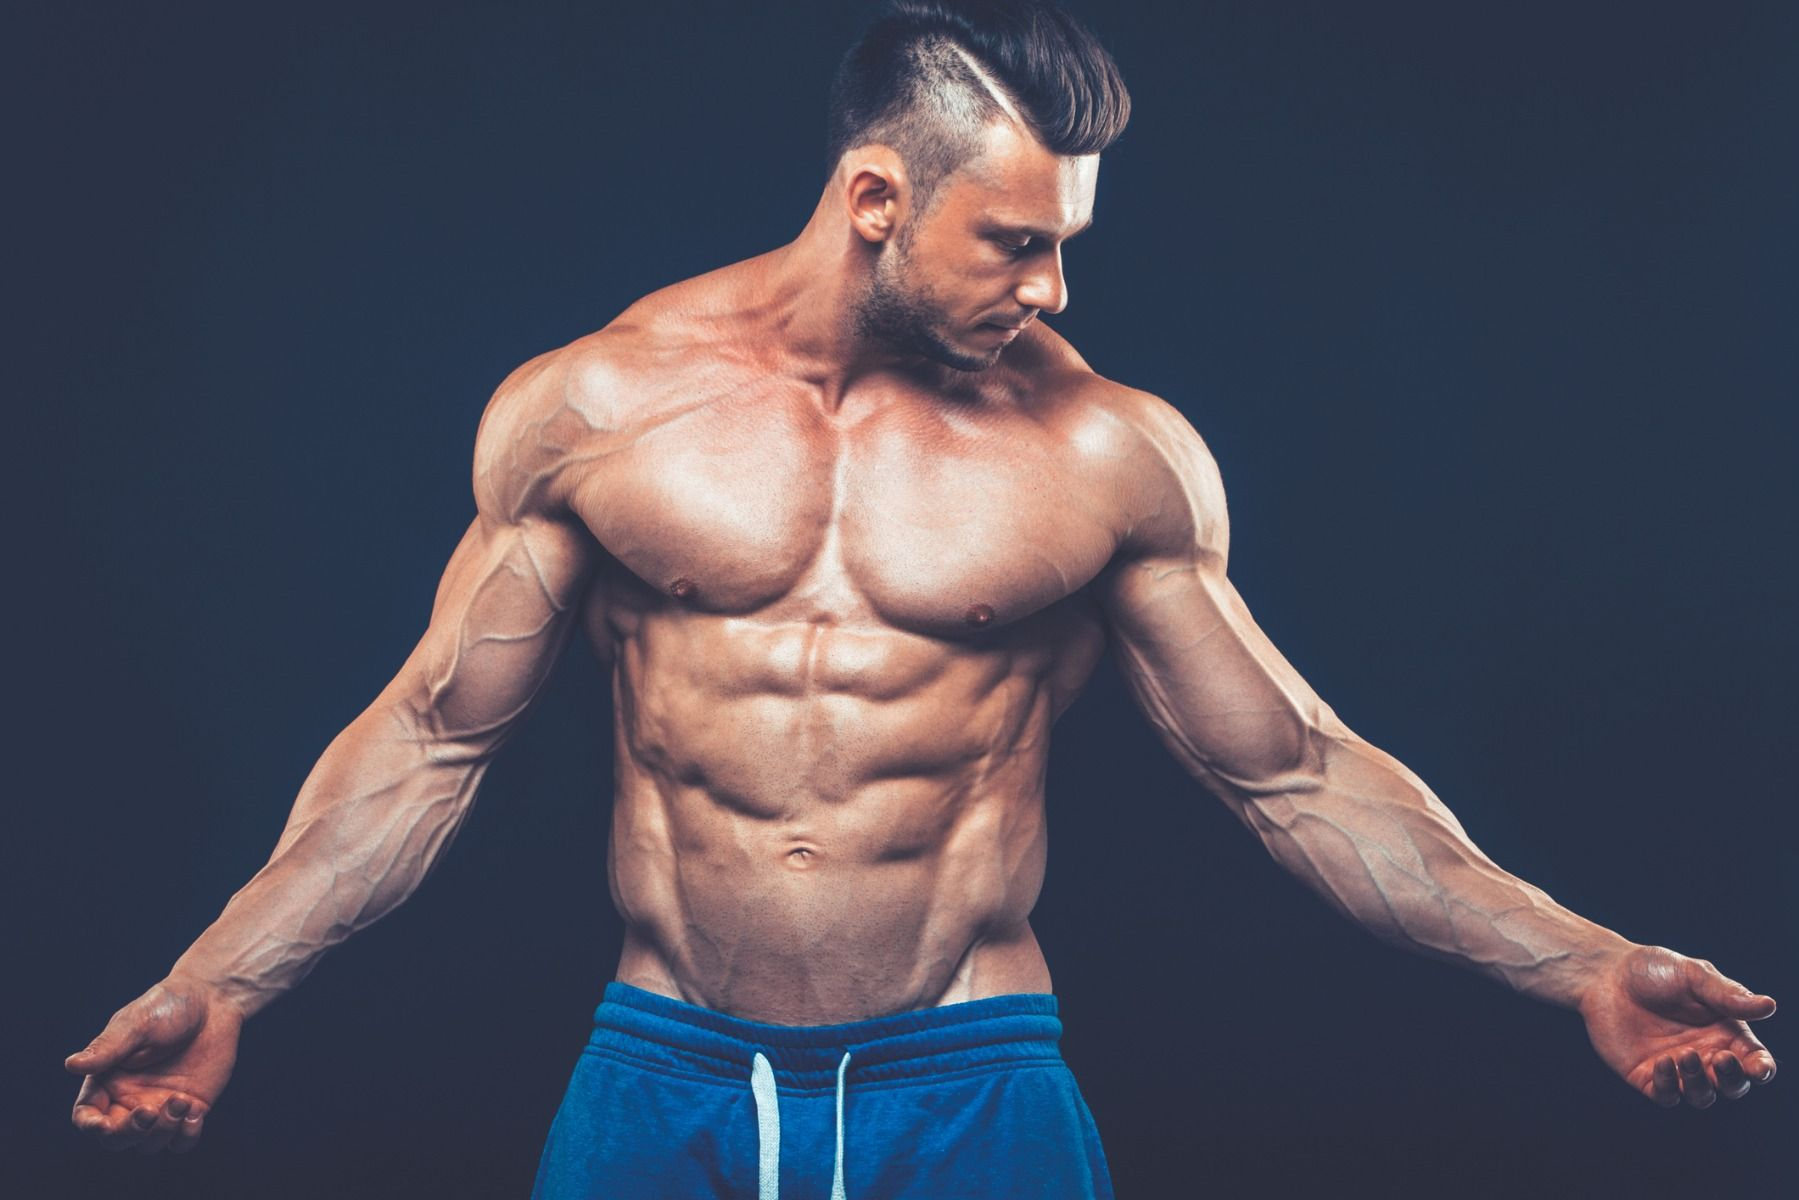 DAA stimulează creșterea musculară și a nivelului de testosteron